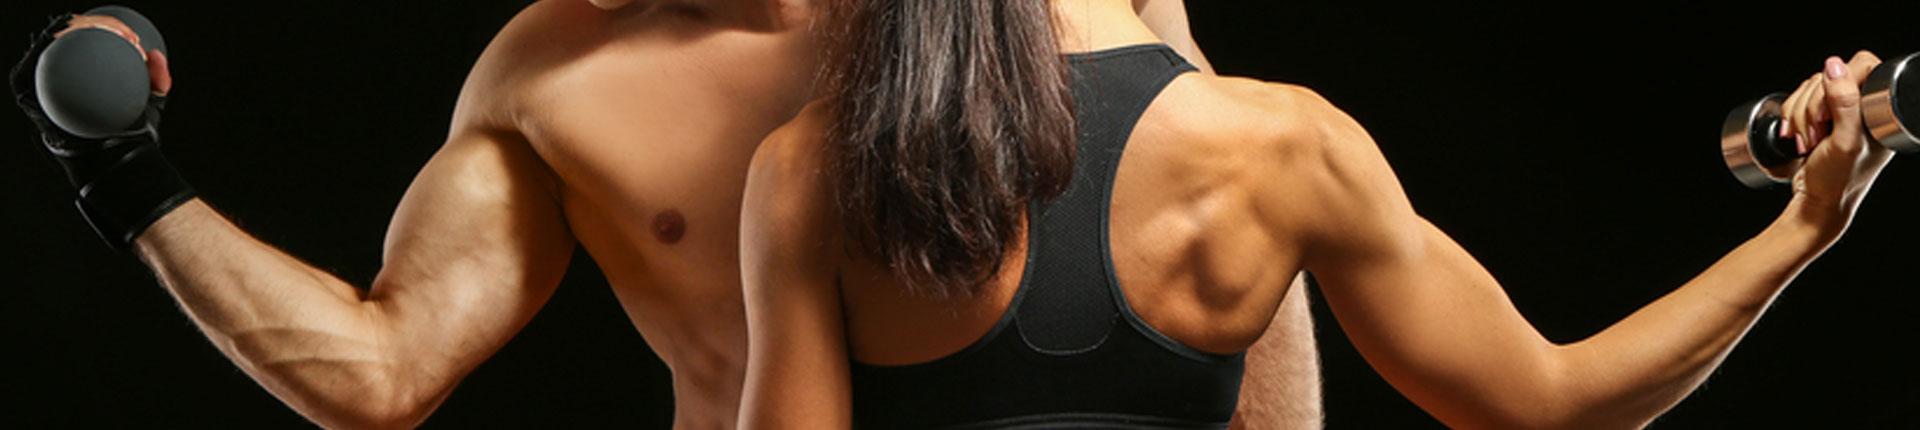 Forskolina - zastosowanie w sportach sylwetkowych, co daje coleus forskohlii?